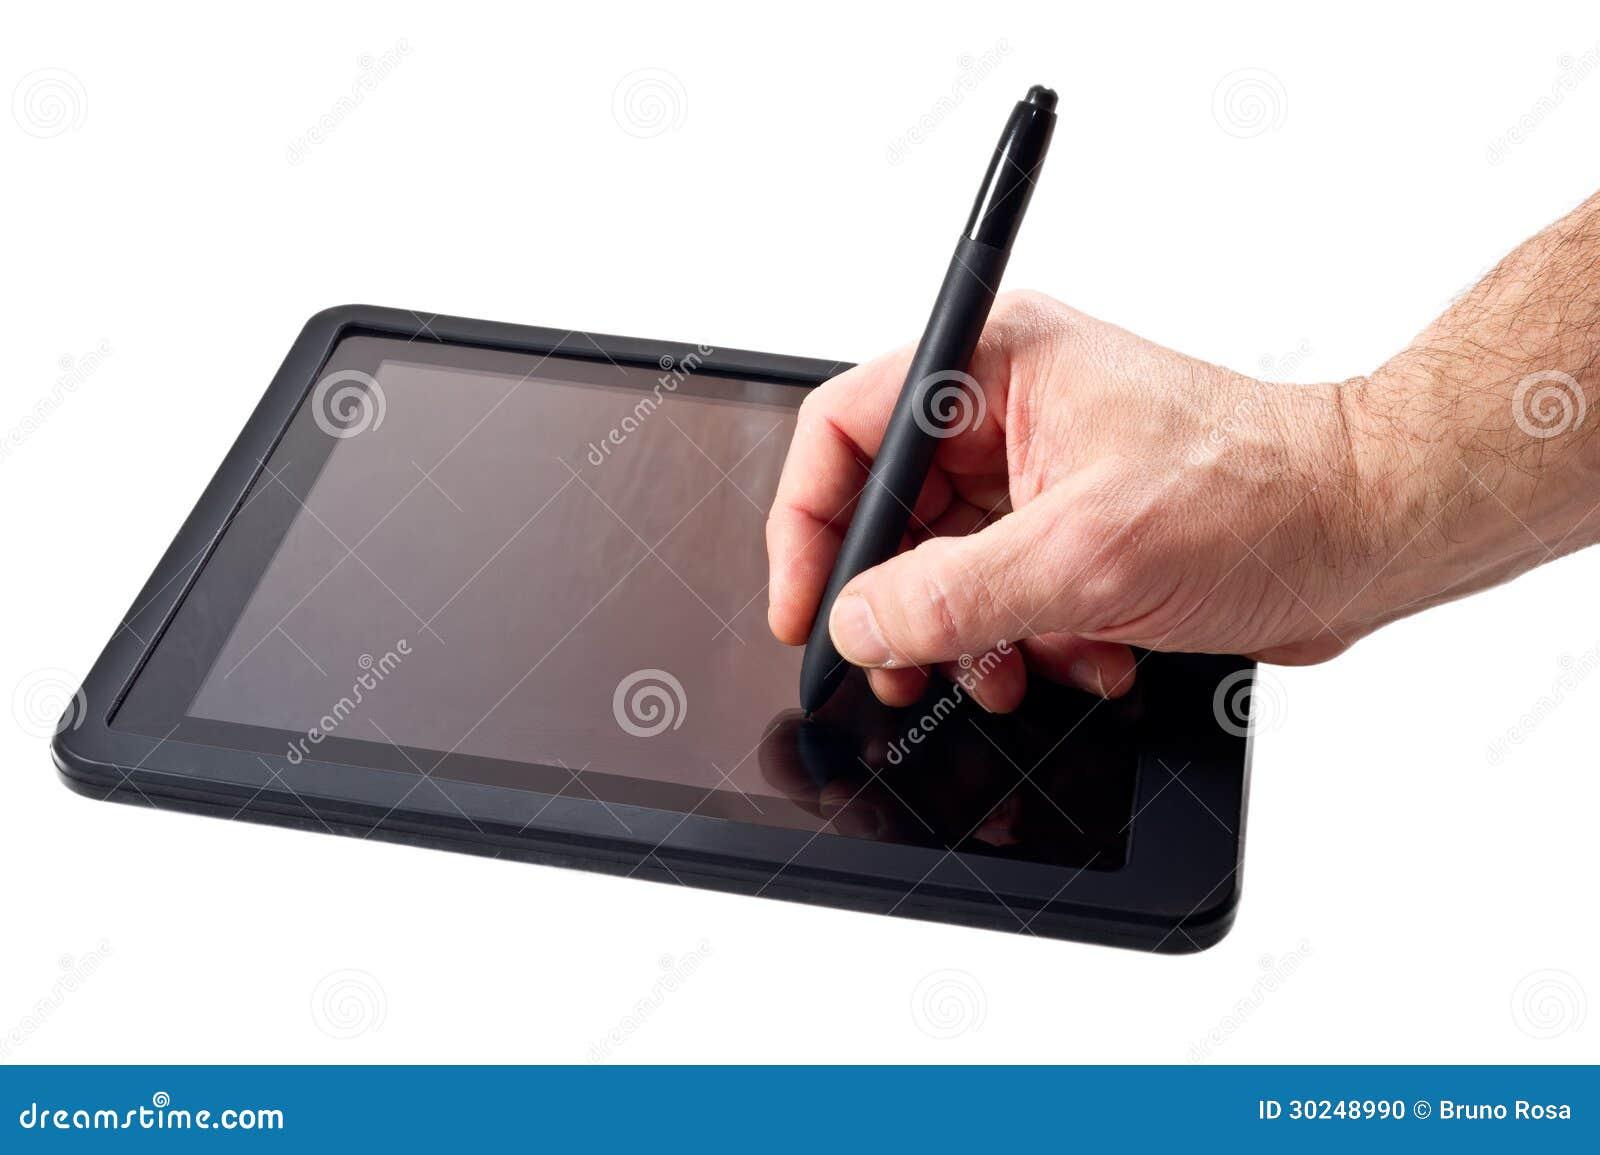 Tablette-PC und -stift